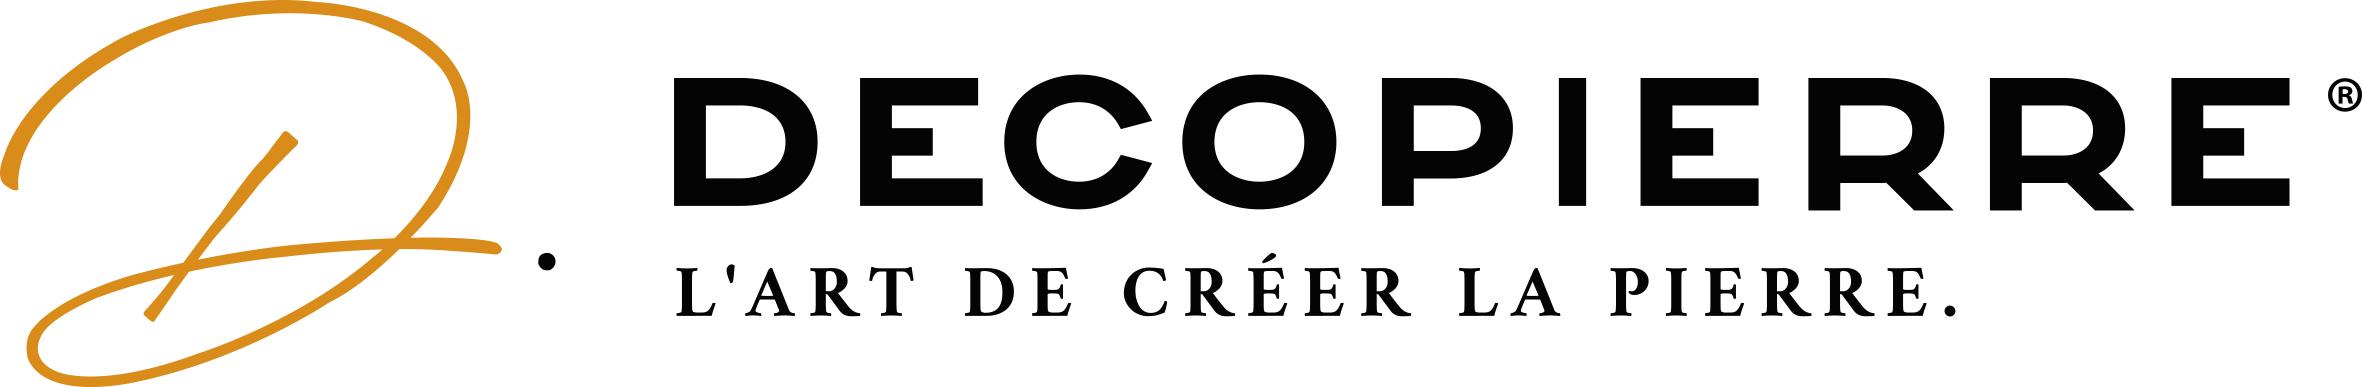 logo DECOPIERRE CMJN 1 - Présentation de notre partenaire l'entreprise Décopierre